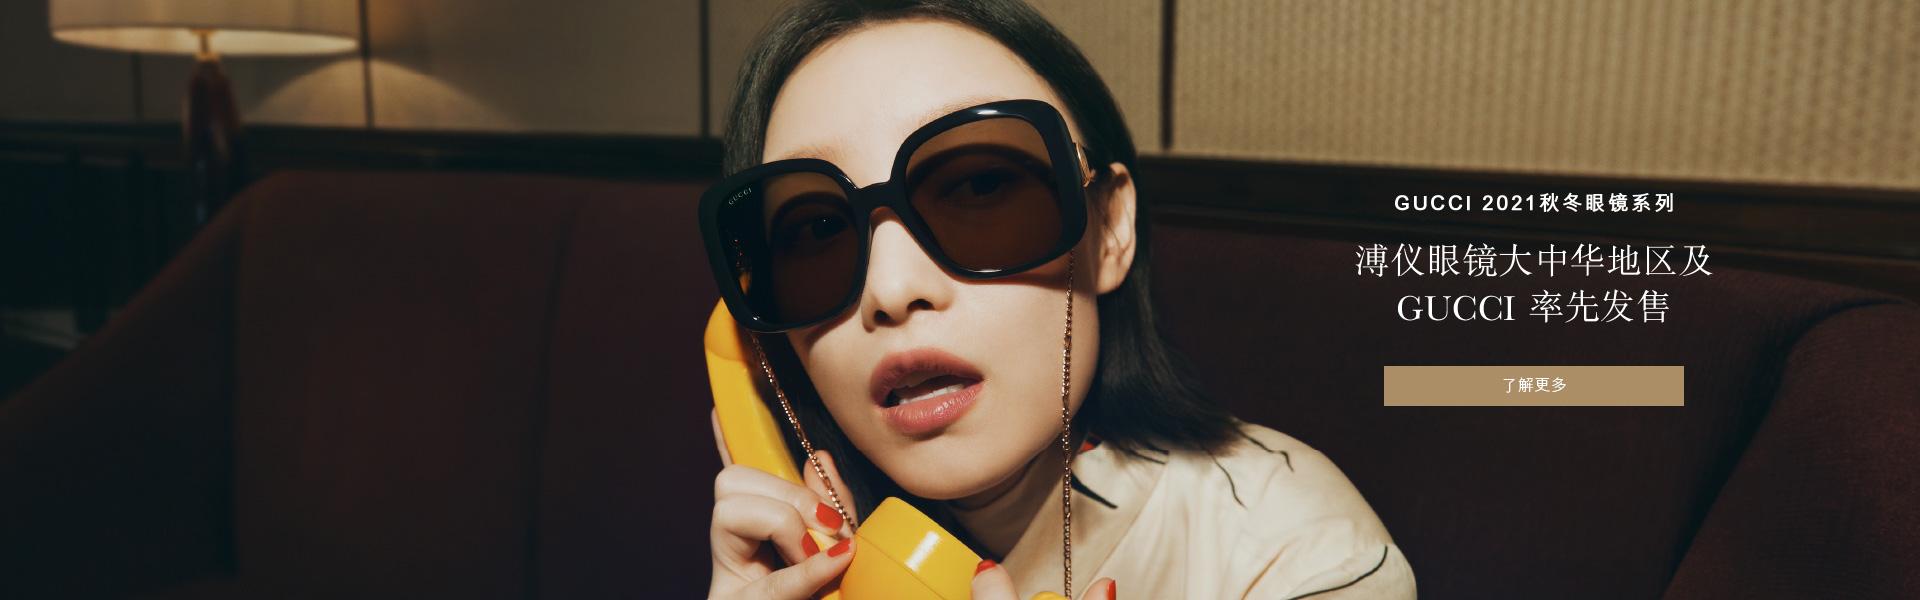 Gucci 2021秋冬眼镜系列